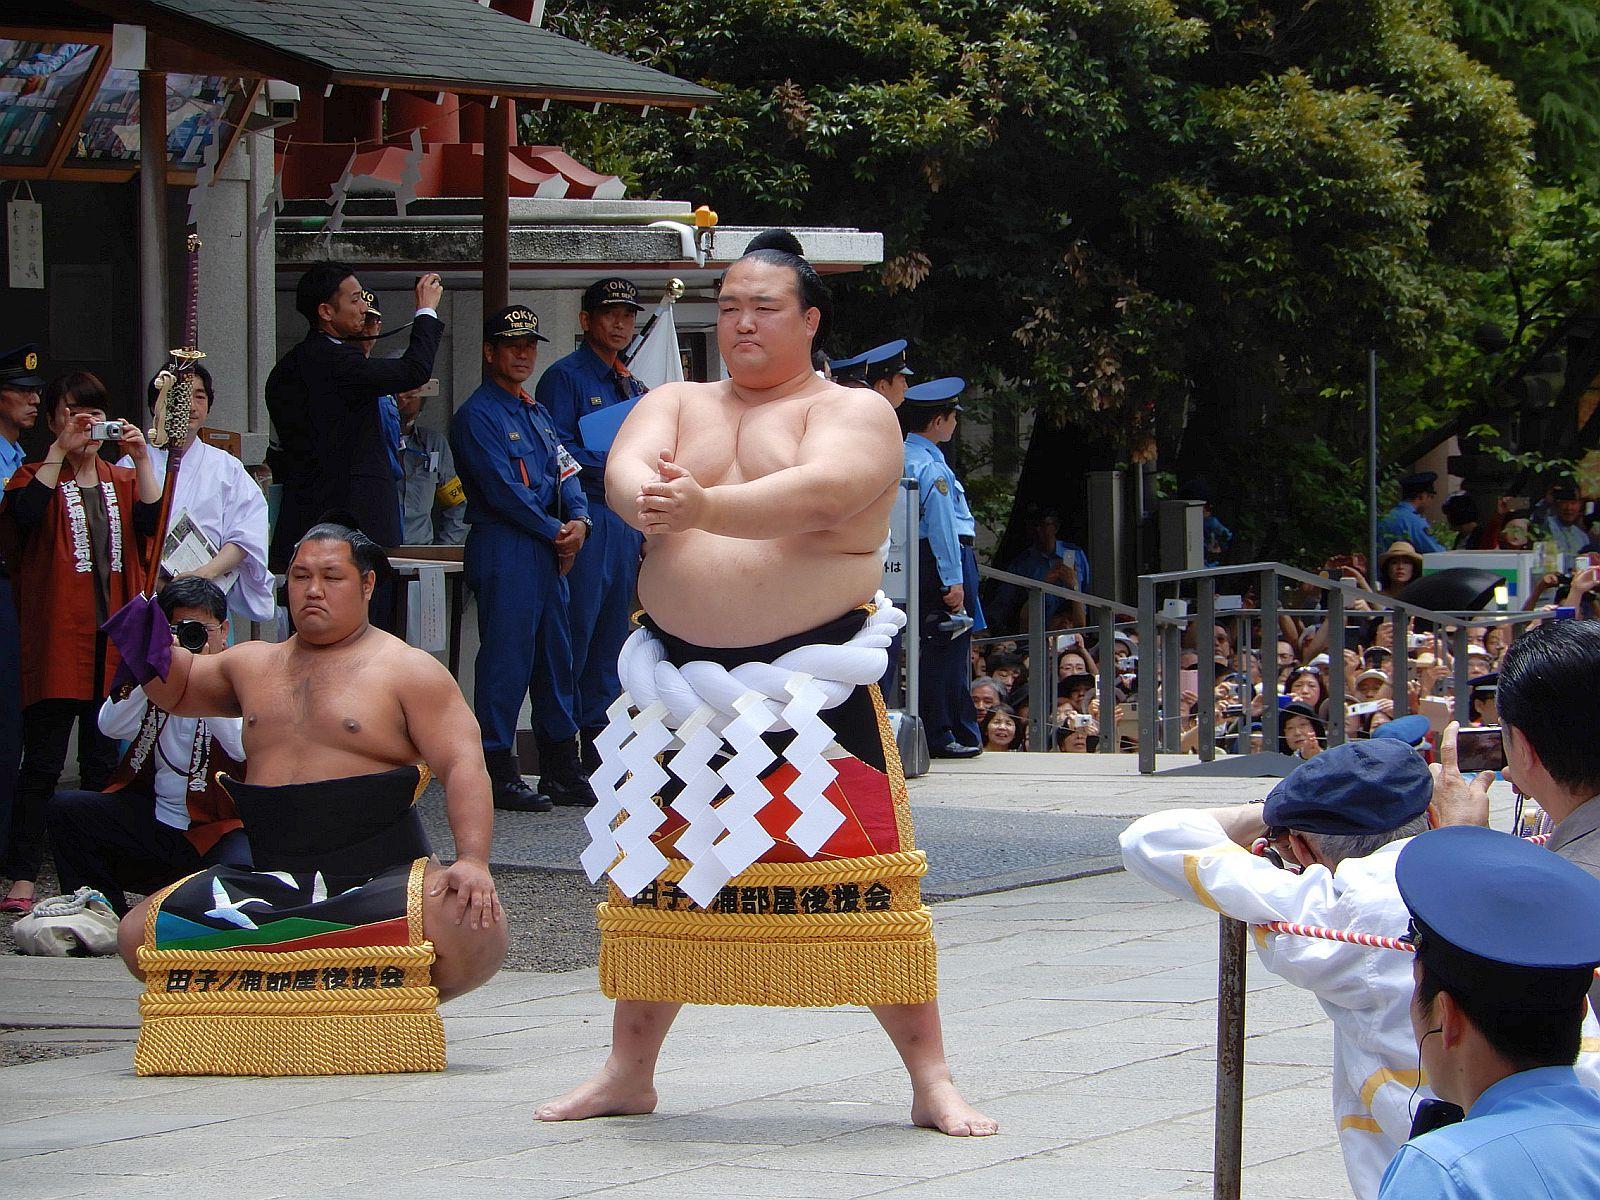 相撲の歴史が残る場所で、横綱稀勢の里関刻名奉告祭